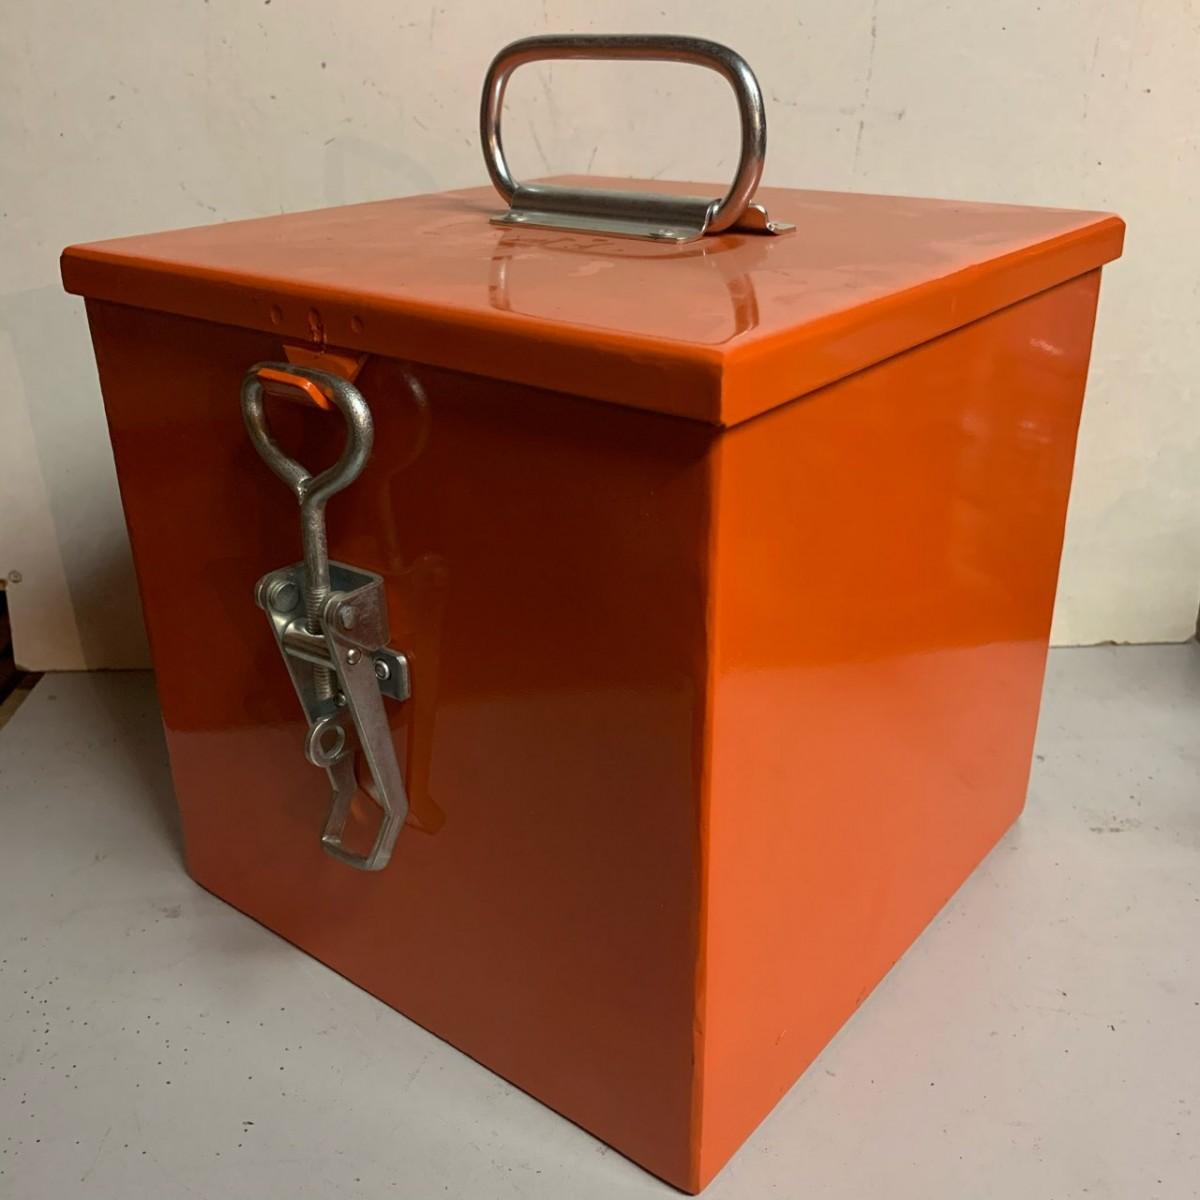 Pyrotechnics storage box